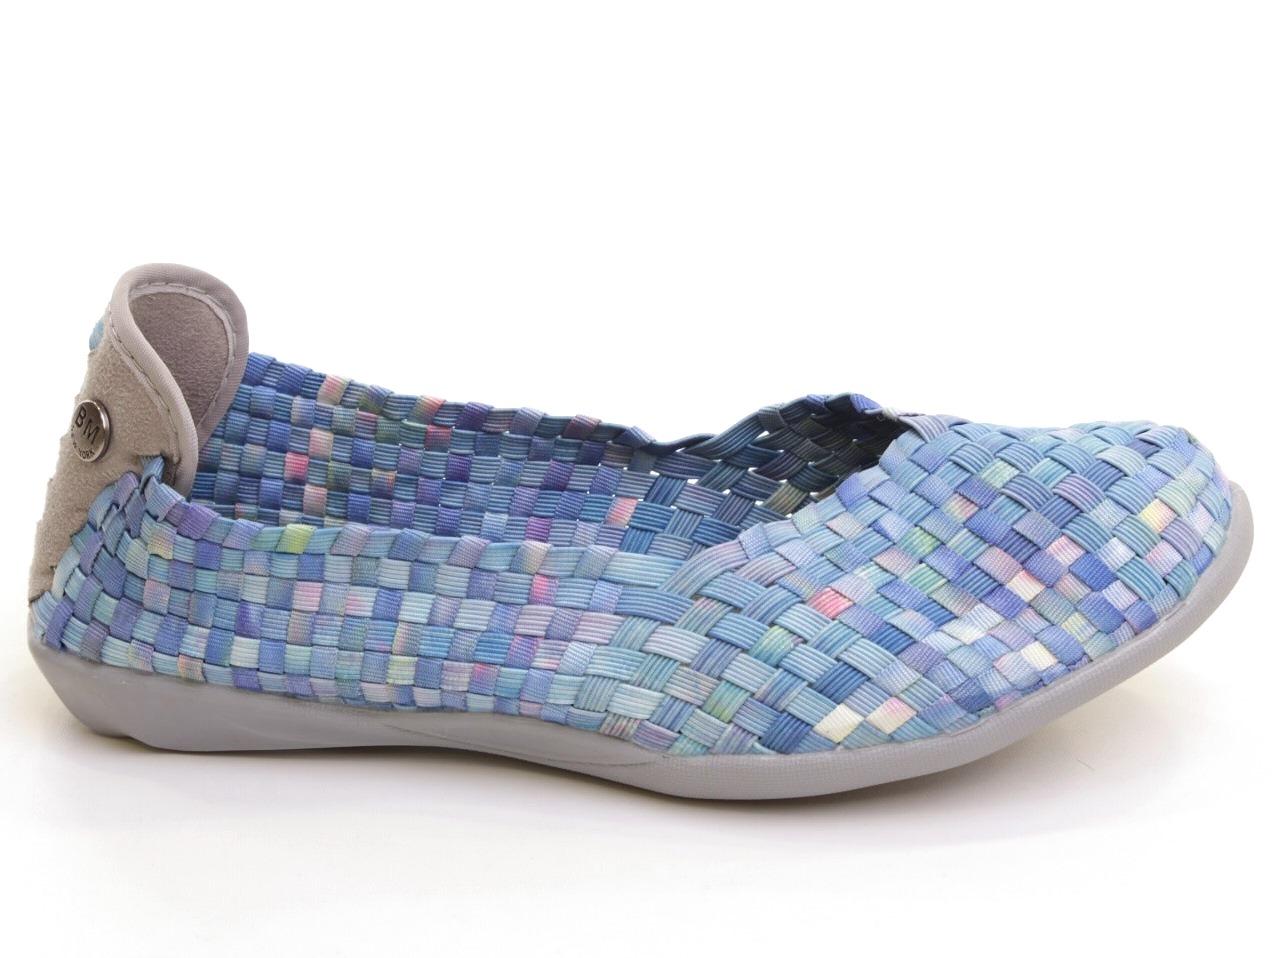 Zapatos Planos, Sabrinas, Mocassins Bernie Mev - 632 BM CATWALK